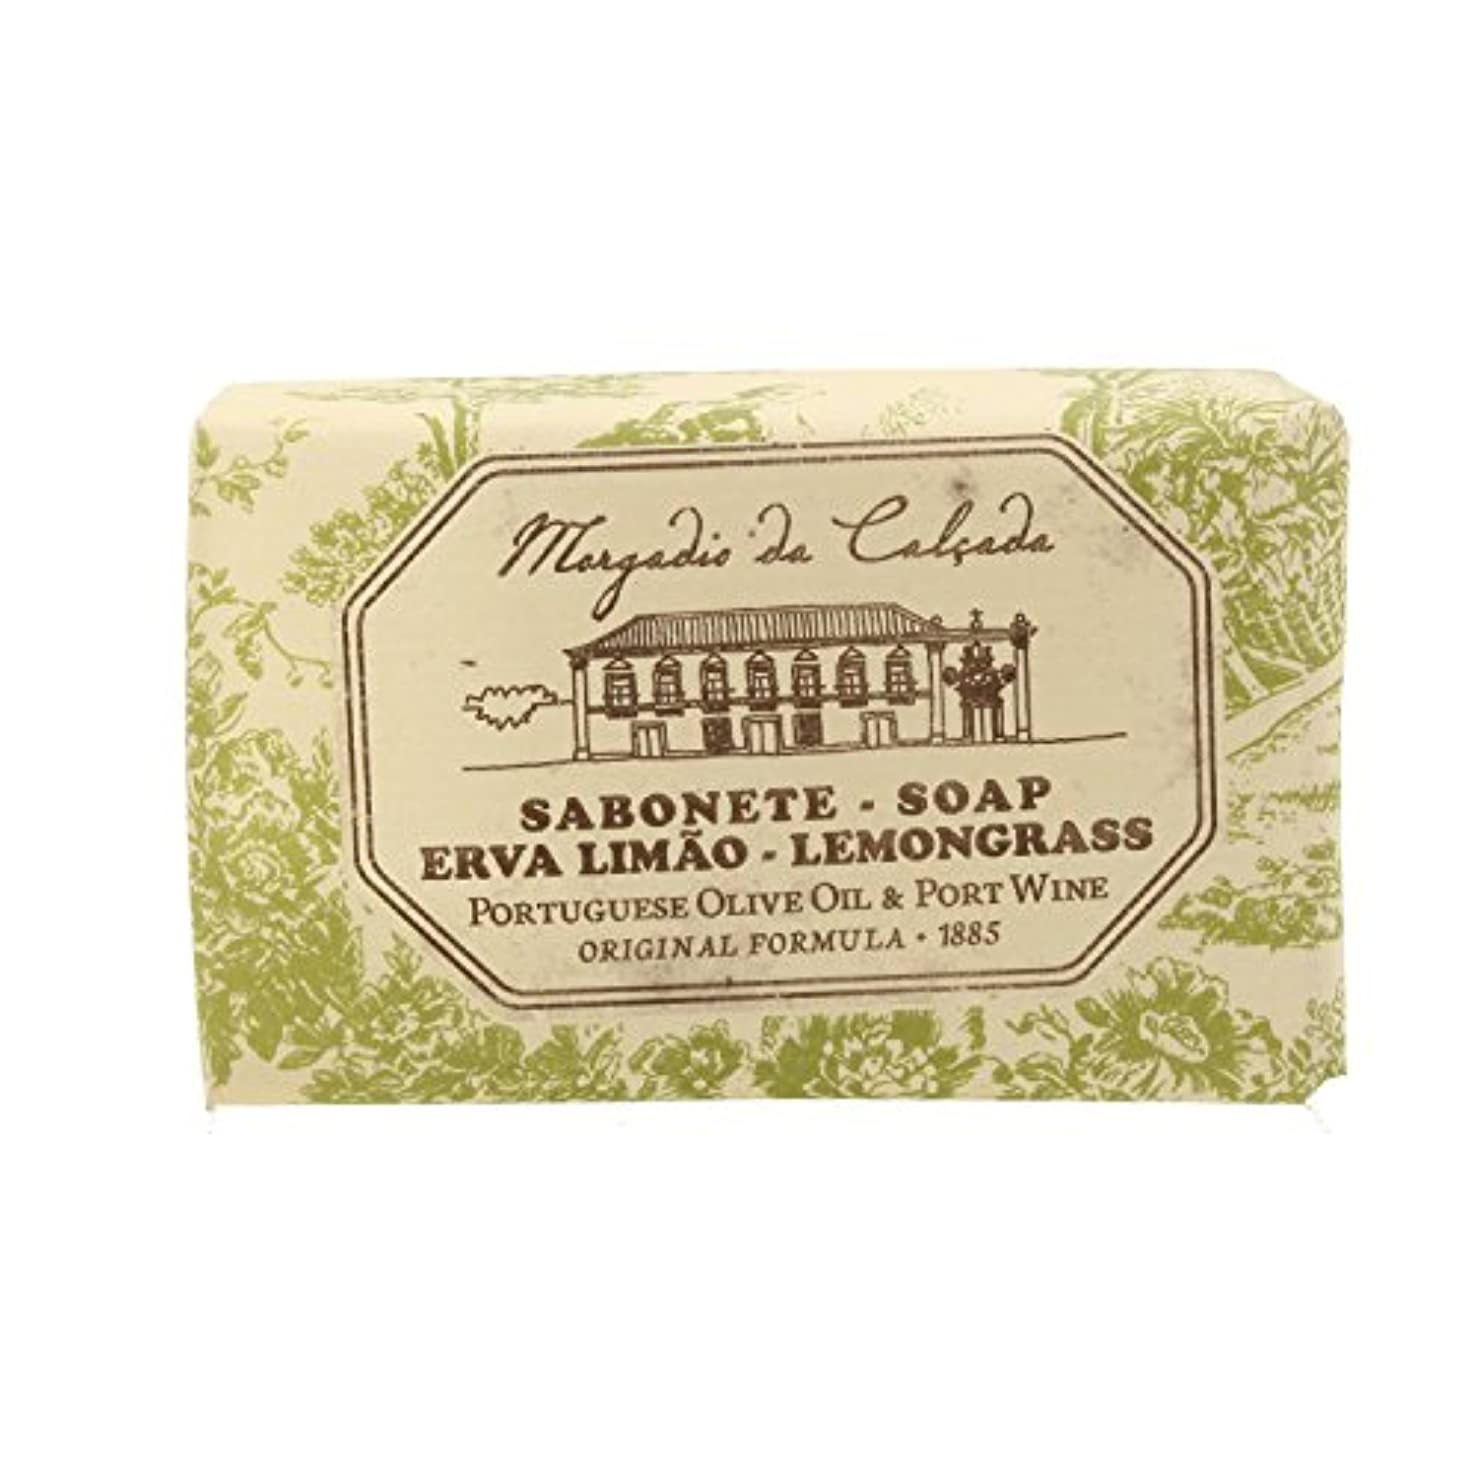 持続的はねかけるアコードモルガディオ ダ カルサダ ソープ レモングラス 95g